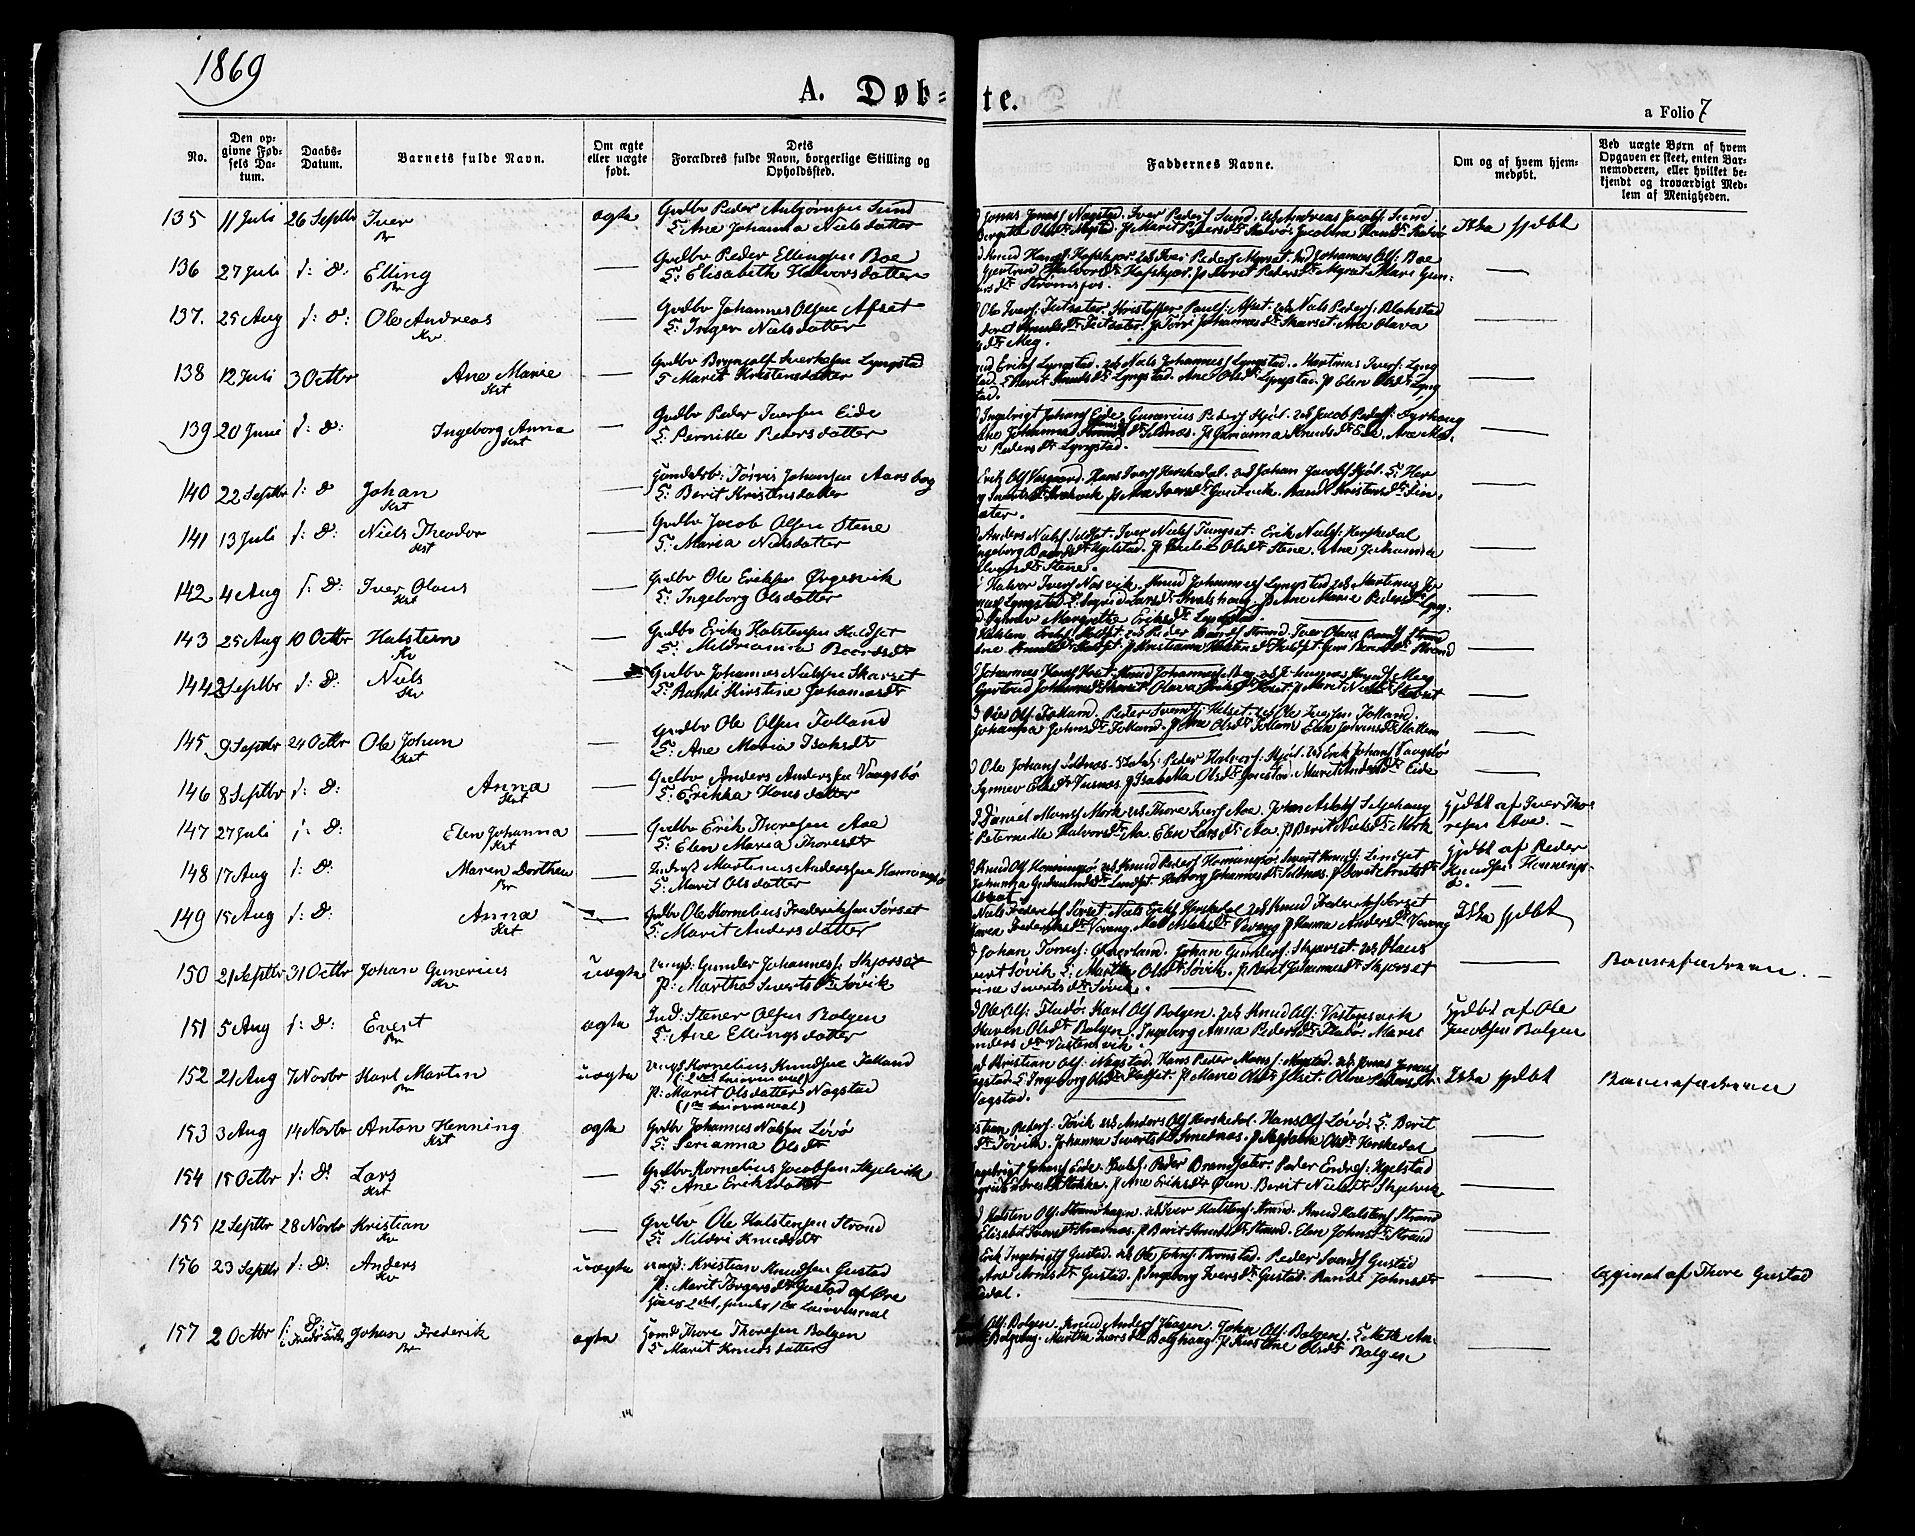 SAT, Ministerialprotokoller, klokkerbøker og fødselsregistre - Møre og Romsdal, 568/L0805: Ministerialbok nr. 568A12 /1, 1869-1884, s. 7